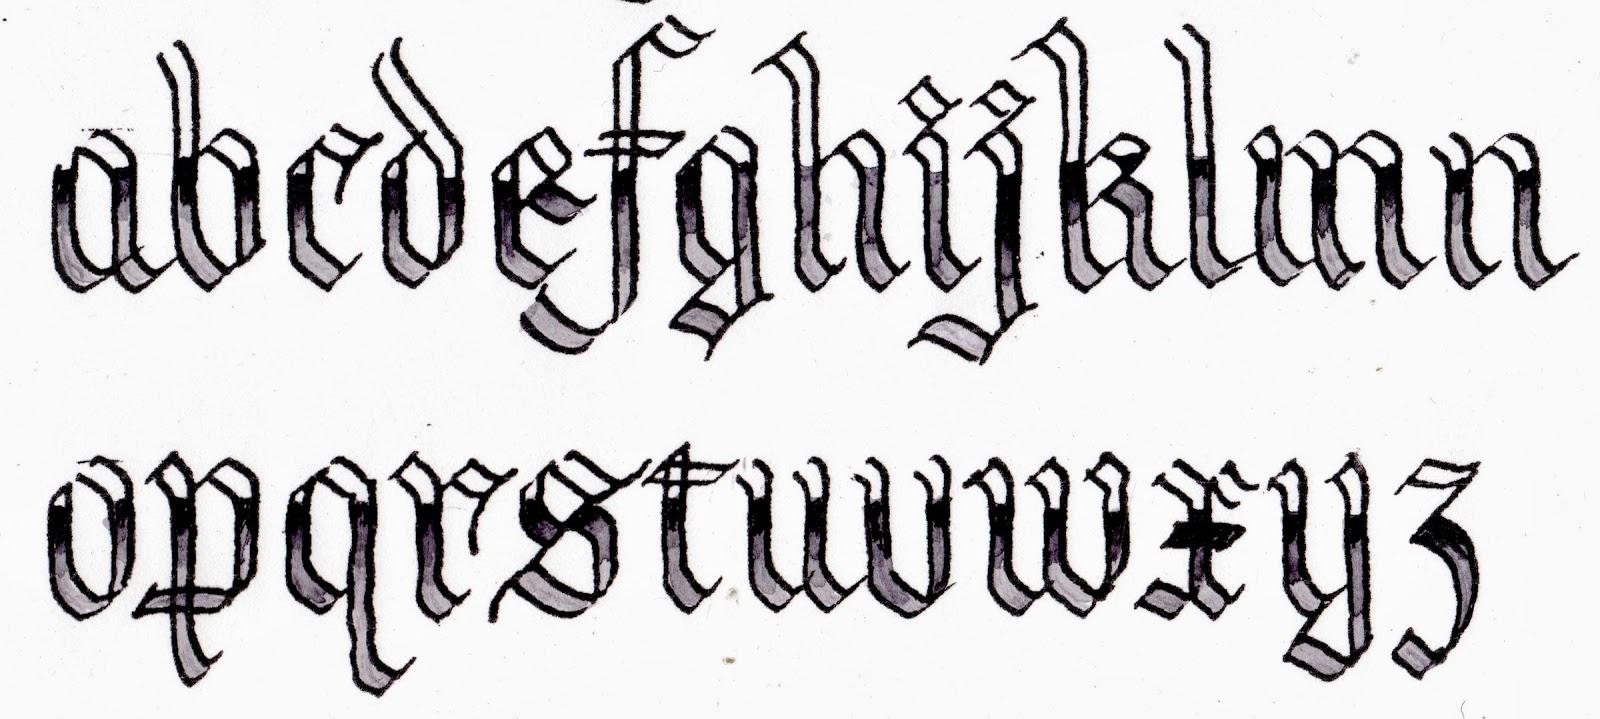 Margaret Shepherd Calligraphy Chrome Plate